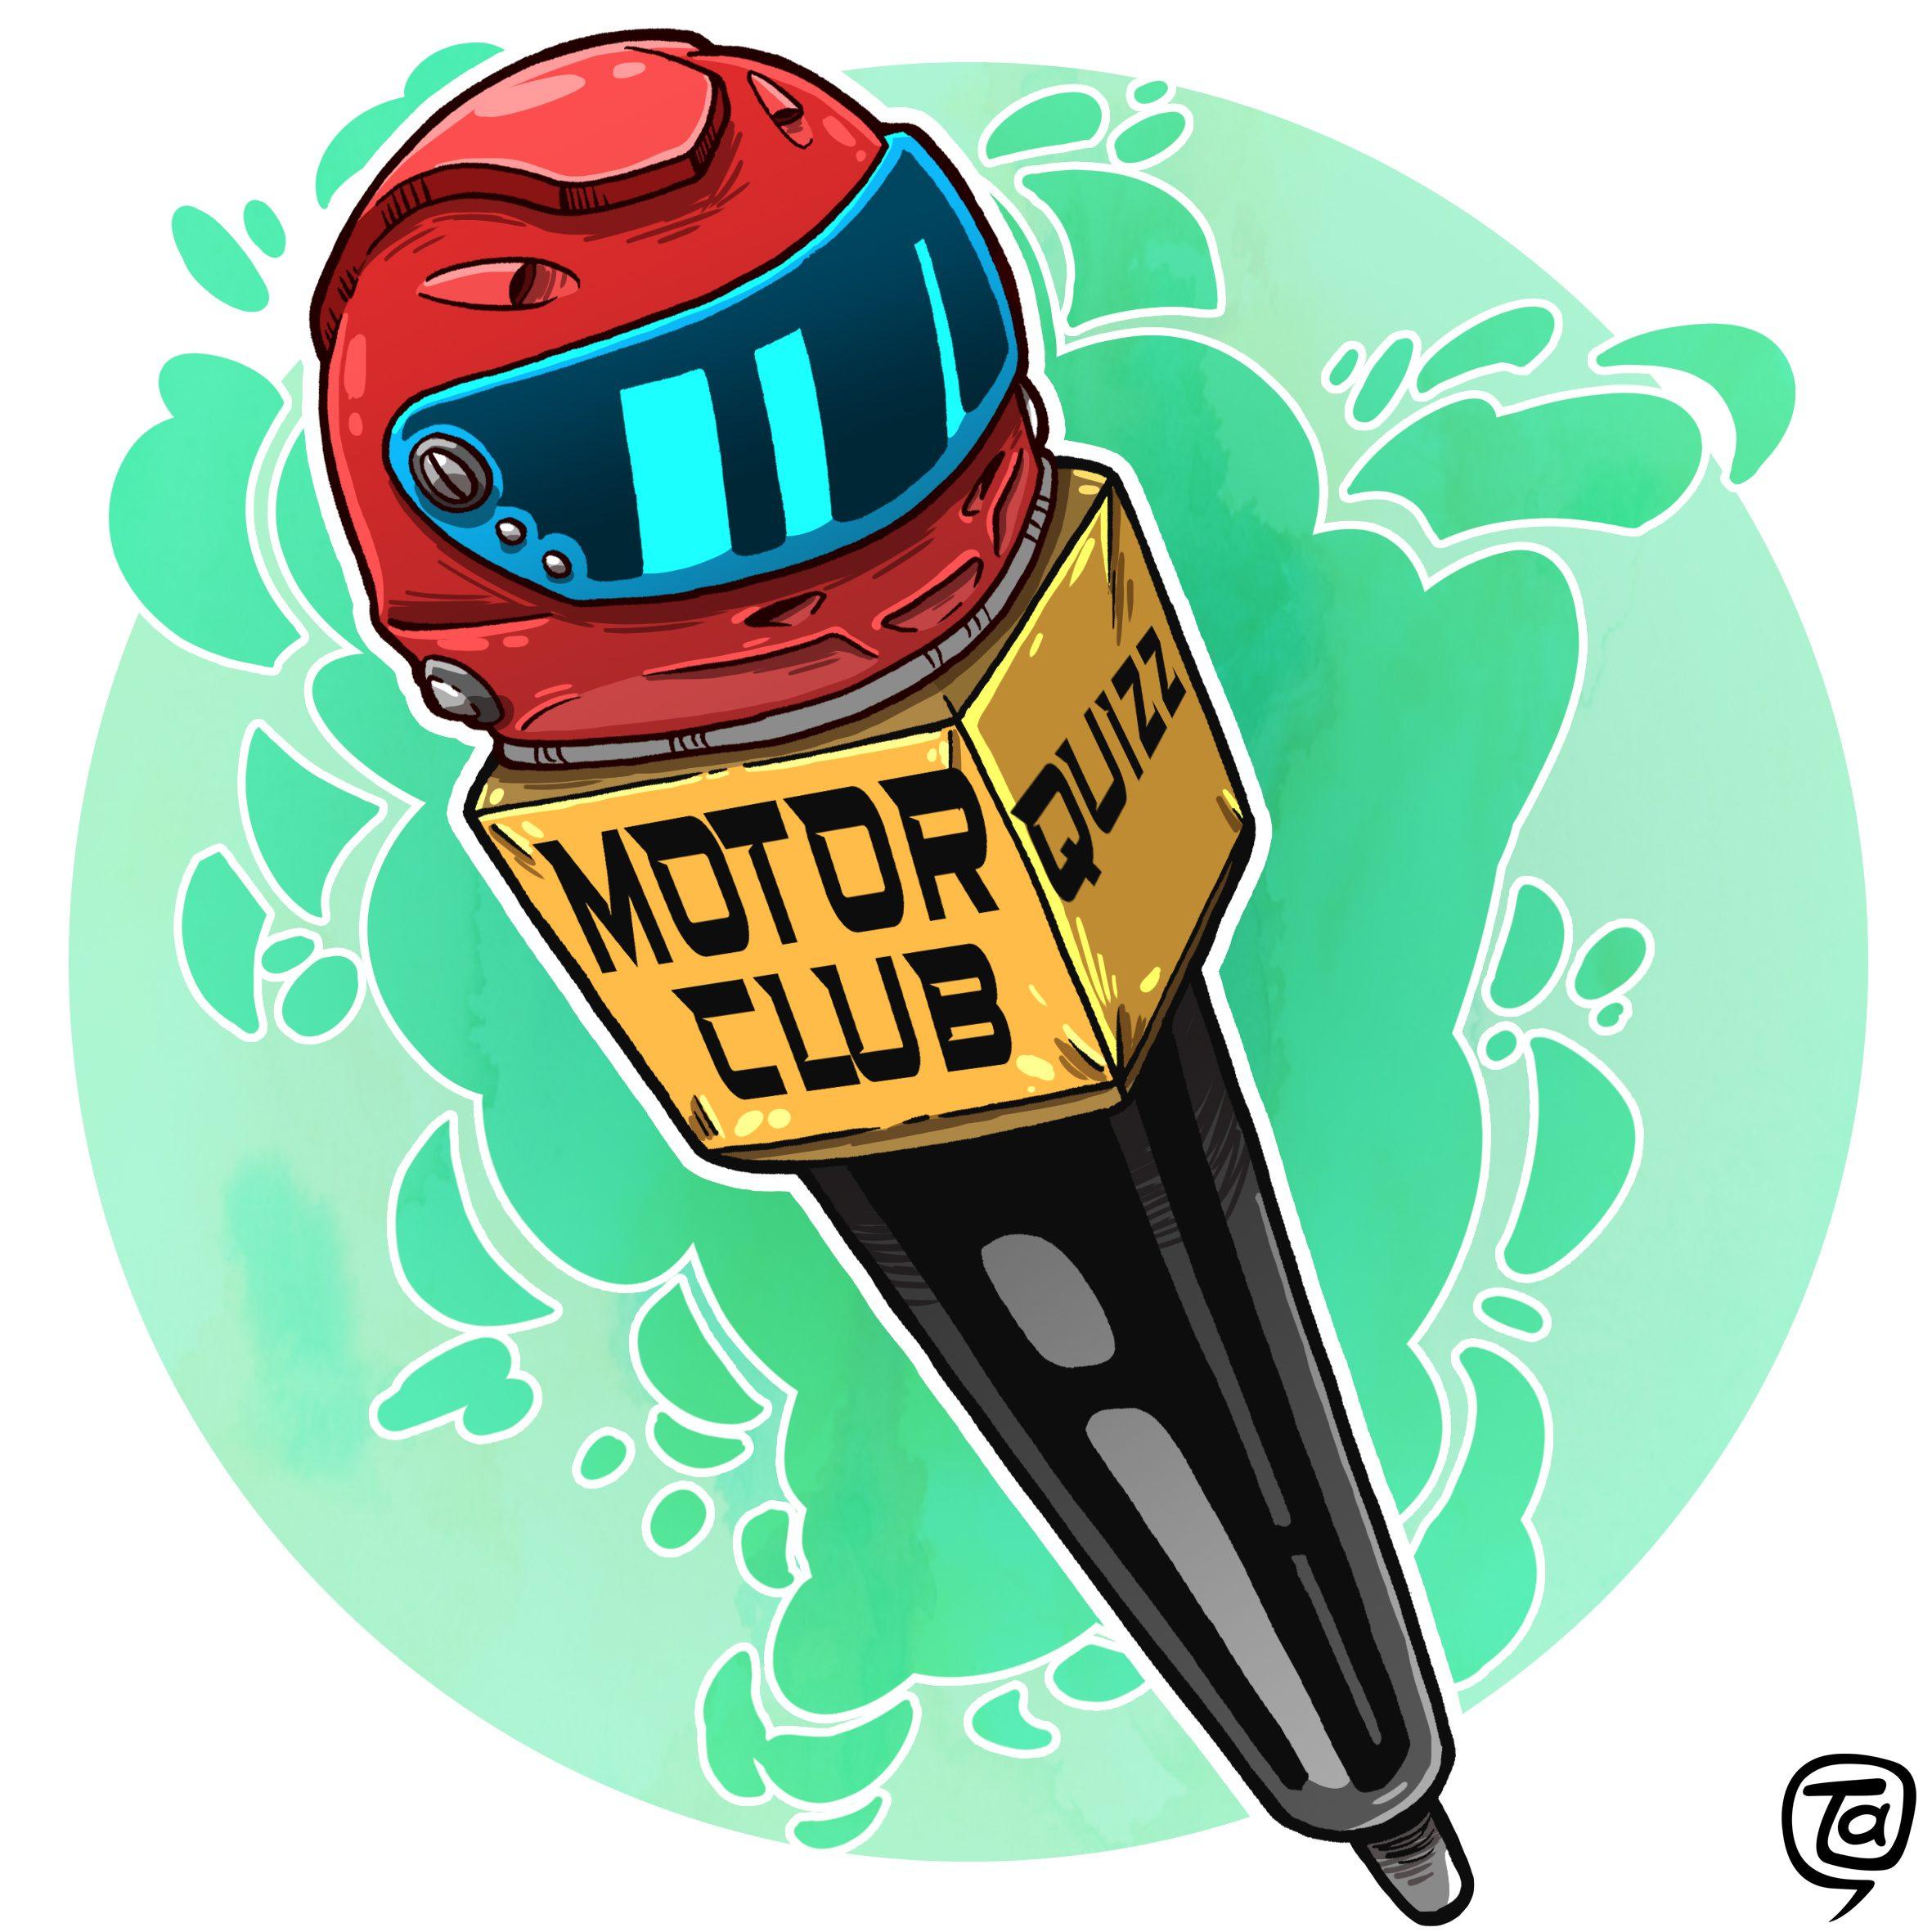 Le Motor Club